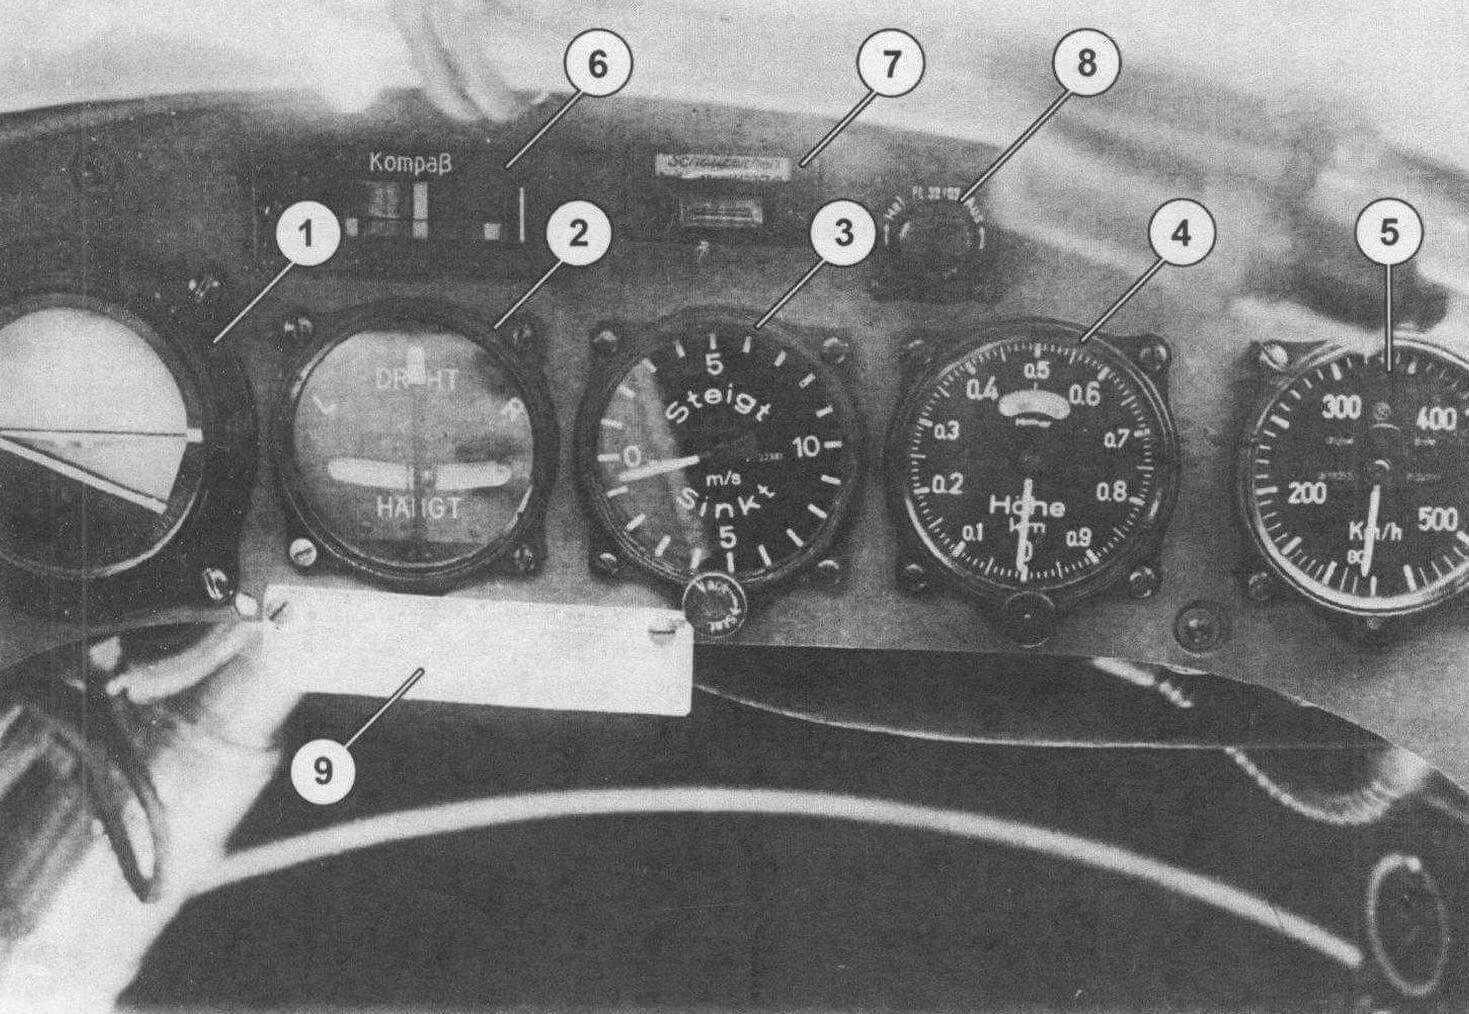 Фрагмент приборной доски летчика: 1 - авиагоризонт; 2 - указатель поворота; 3 - вариометр; 4 - высотомер; 5 - указатель скорости; 6 - указатель компаса; 7 - сигнализатор электрообогрева ПВД; 8 - реостат накала ламп; 9 - таблица режимов работы моторов